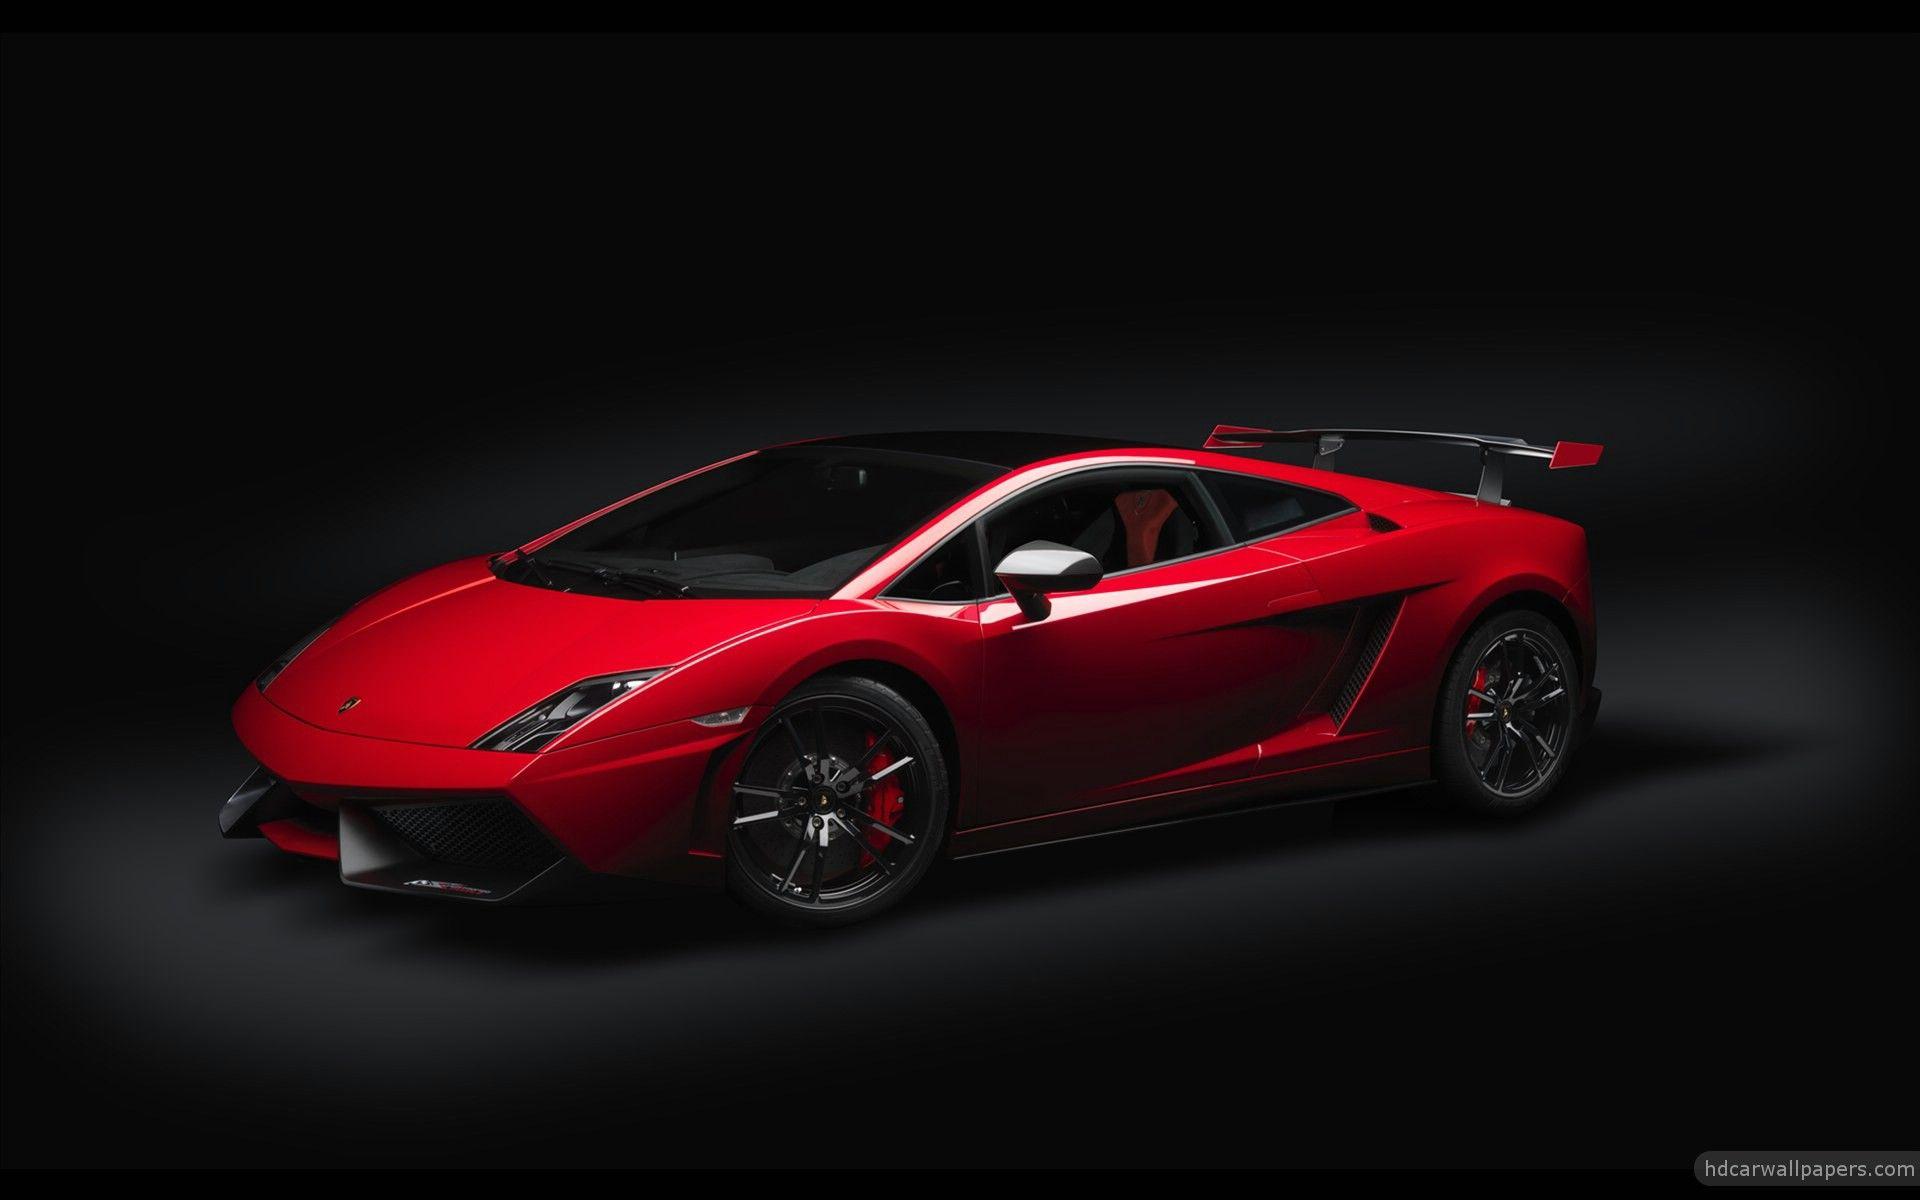 Gallardo Superleggera Lamborghini Gallardo Sports Car Wallpaper Red Lamborghini